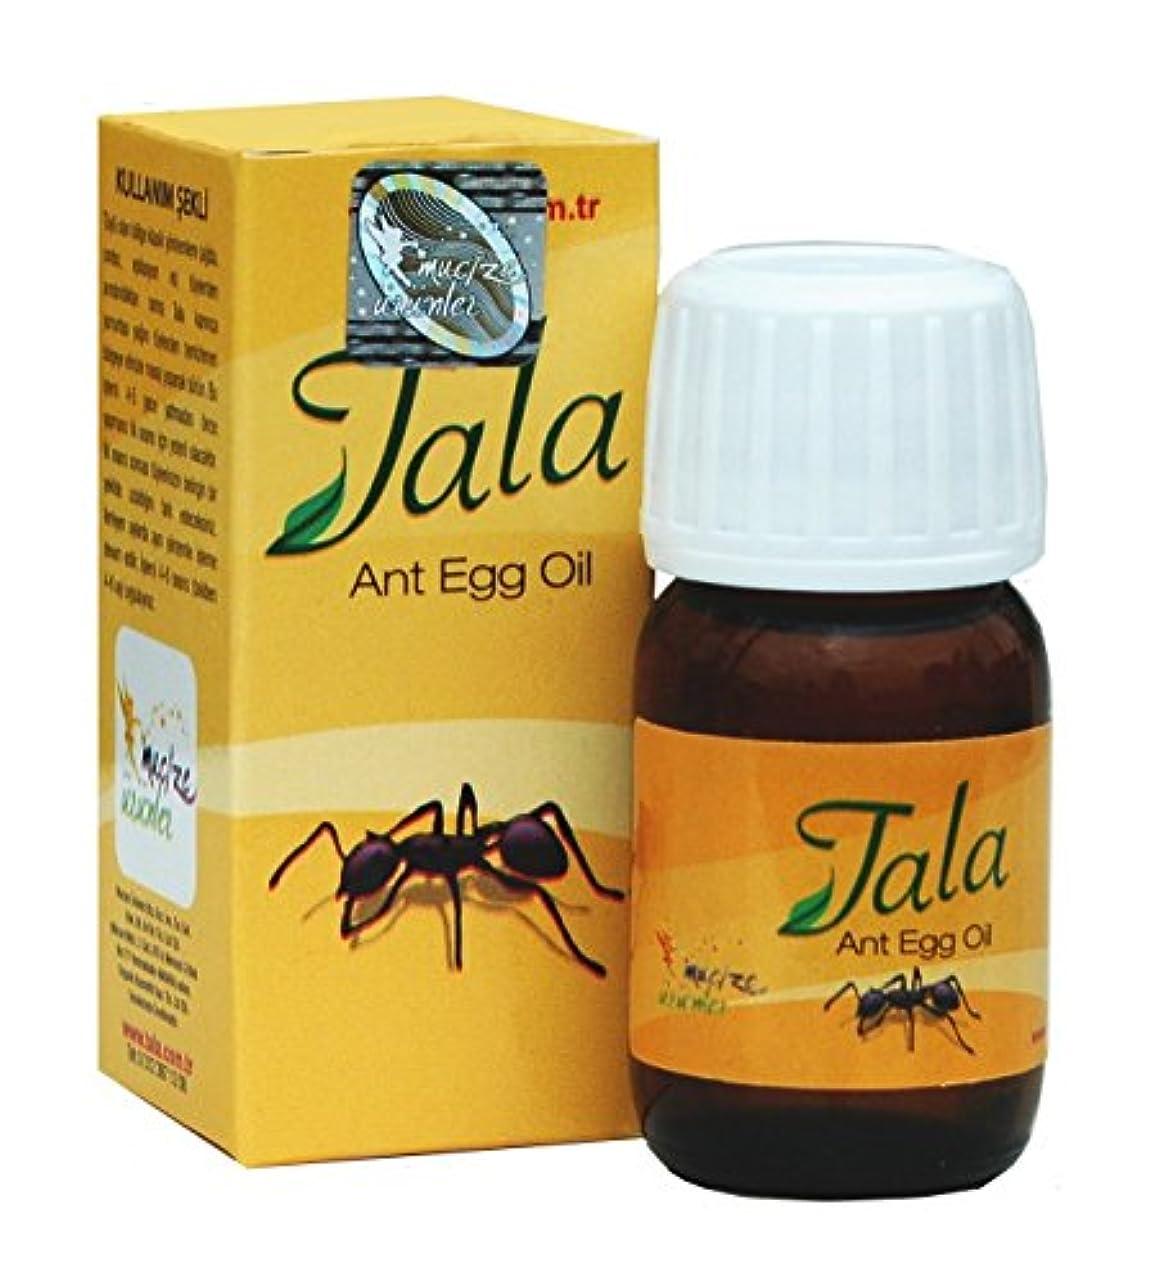 住所光沢のある飢えTala Ant Egg Oil (アリ脱毛オイル) 20 ml [並行輸入品]